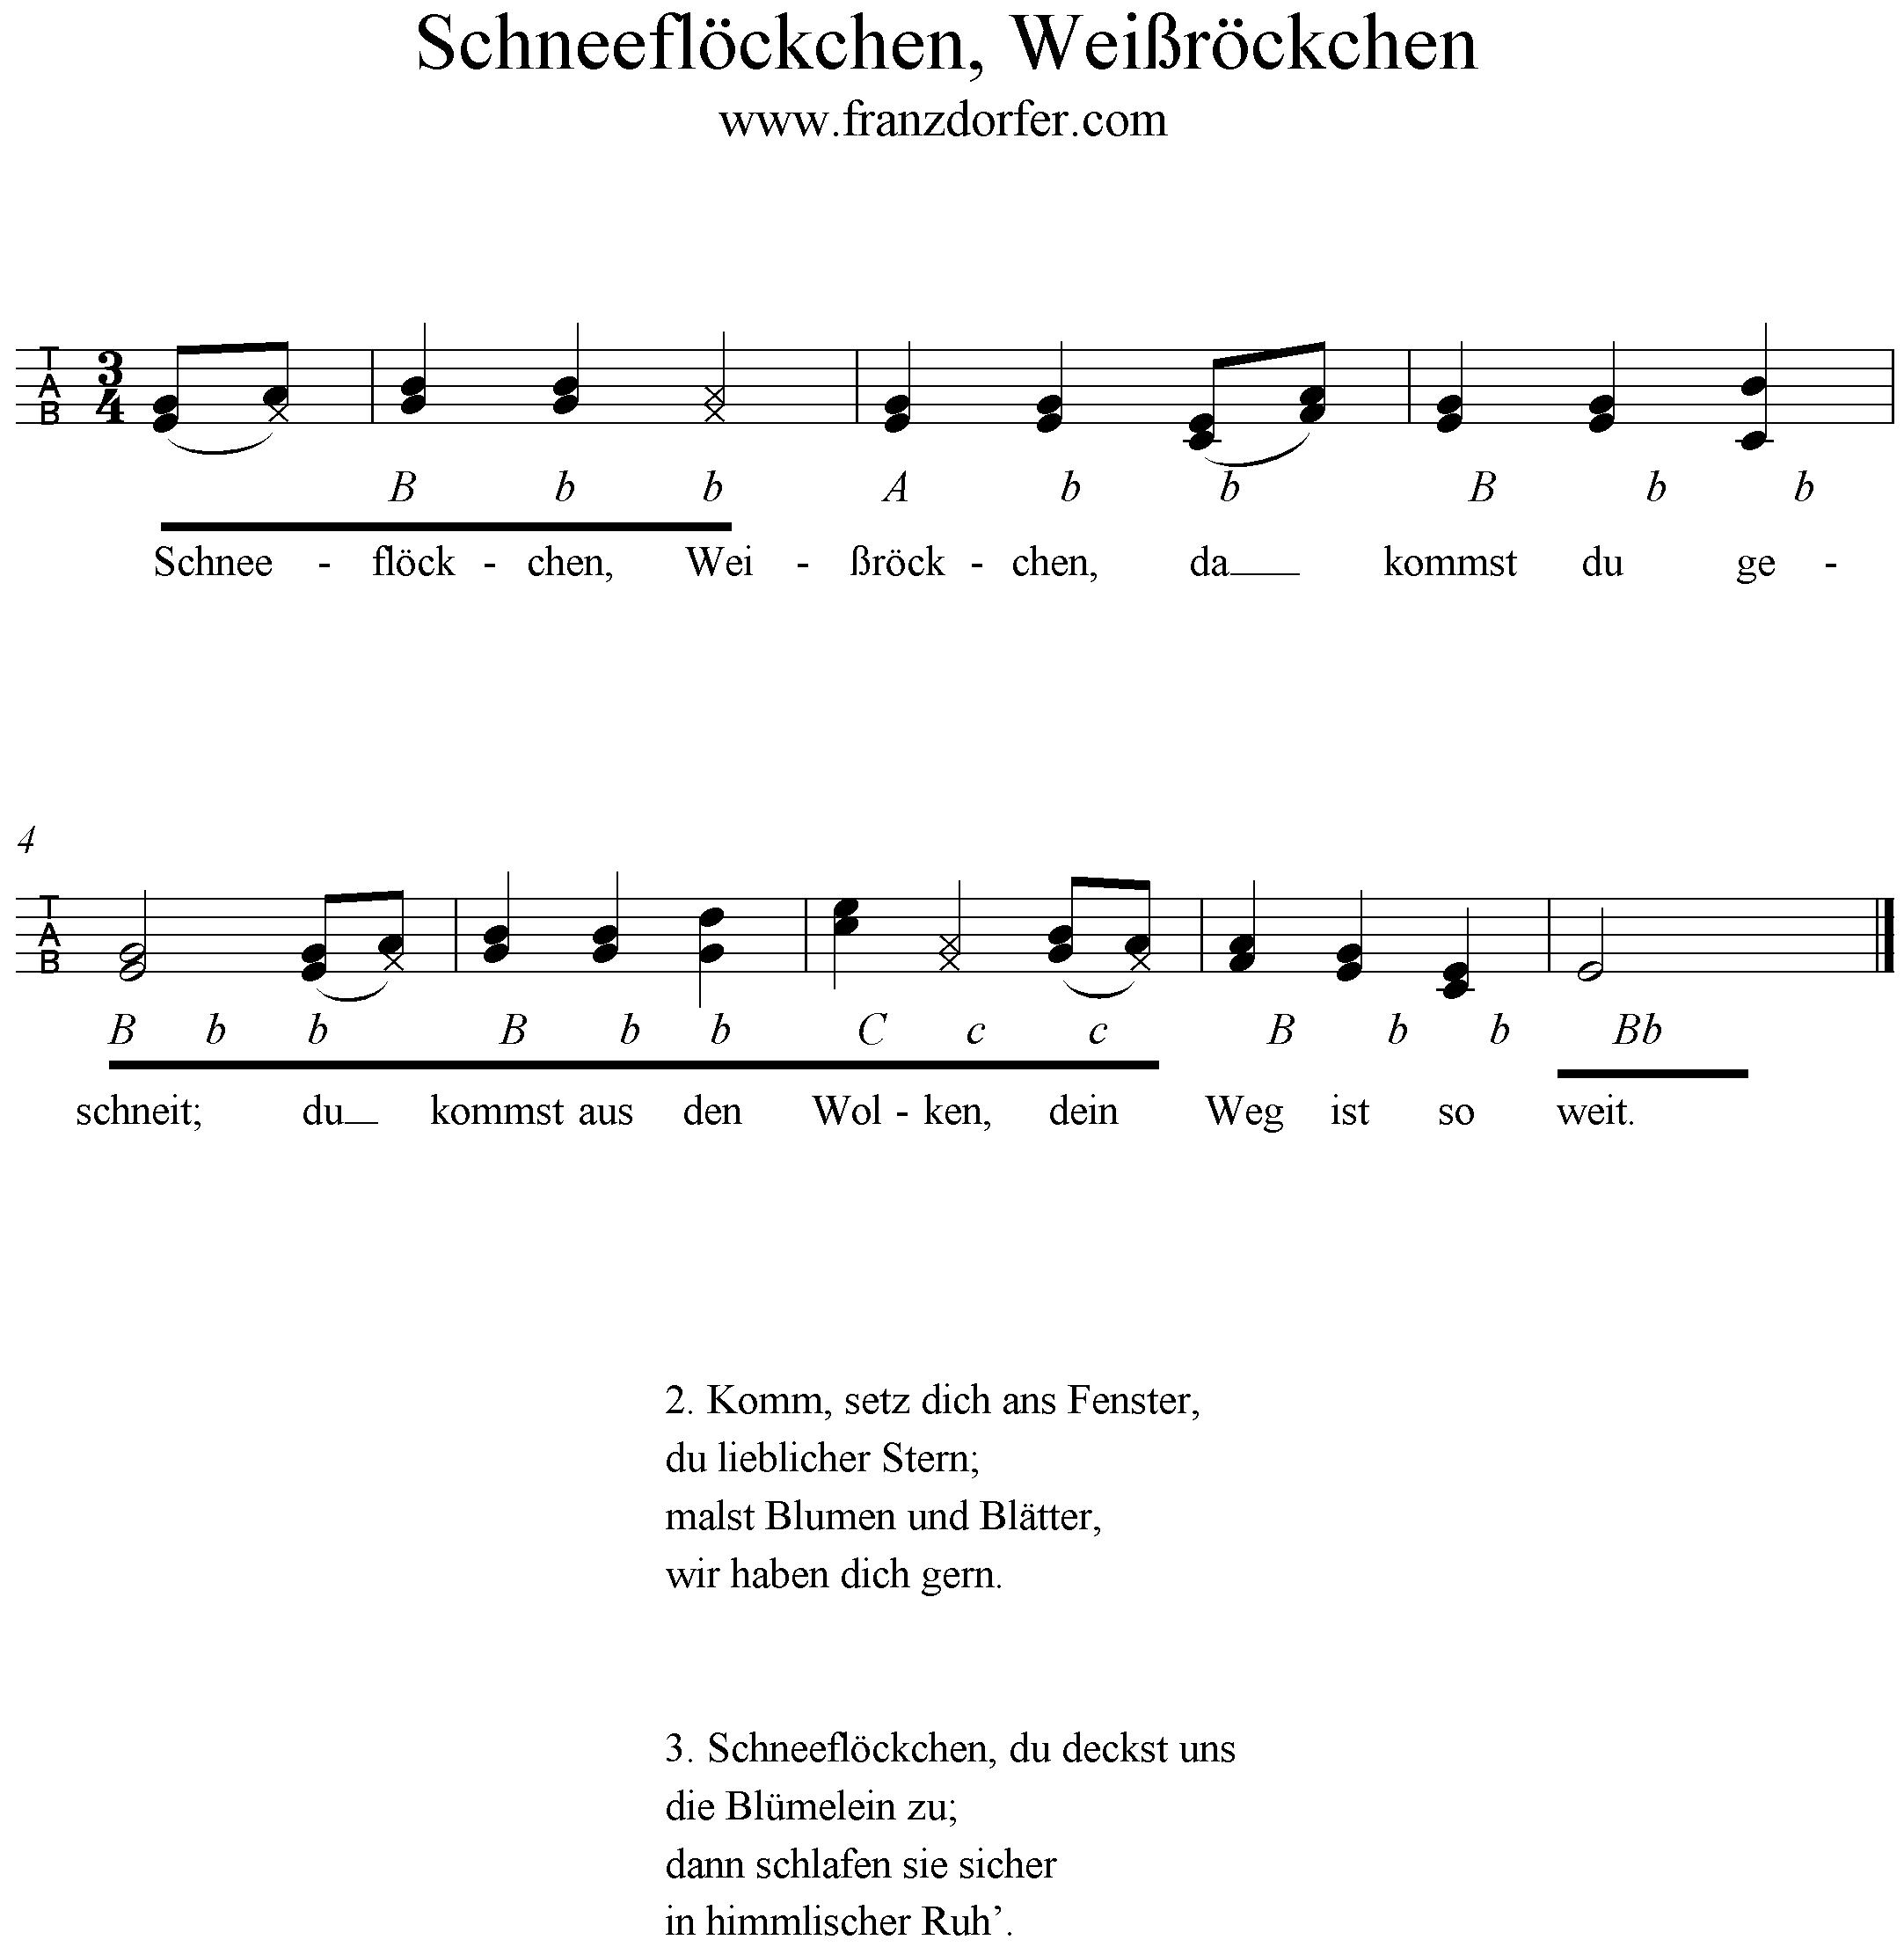 Weihnachtslieder Noten Für Glockenspiel.Schneeflöckchen Weißröckchen